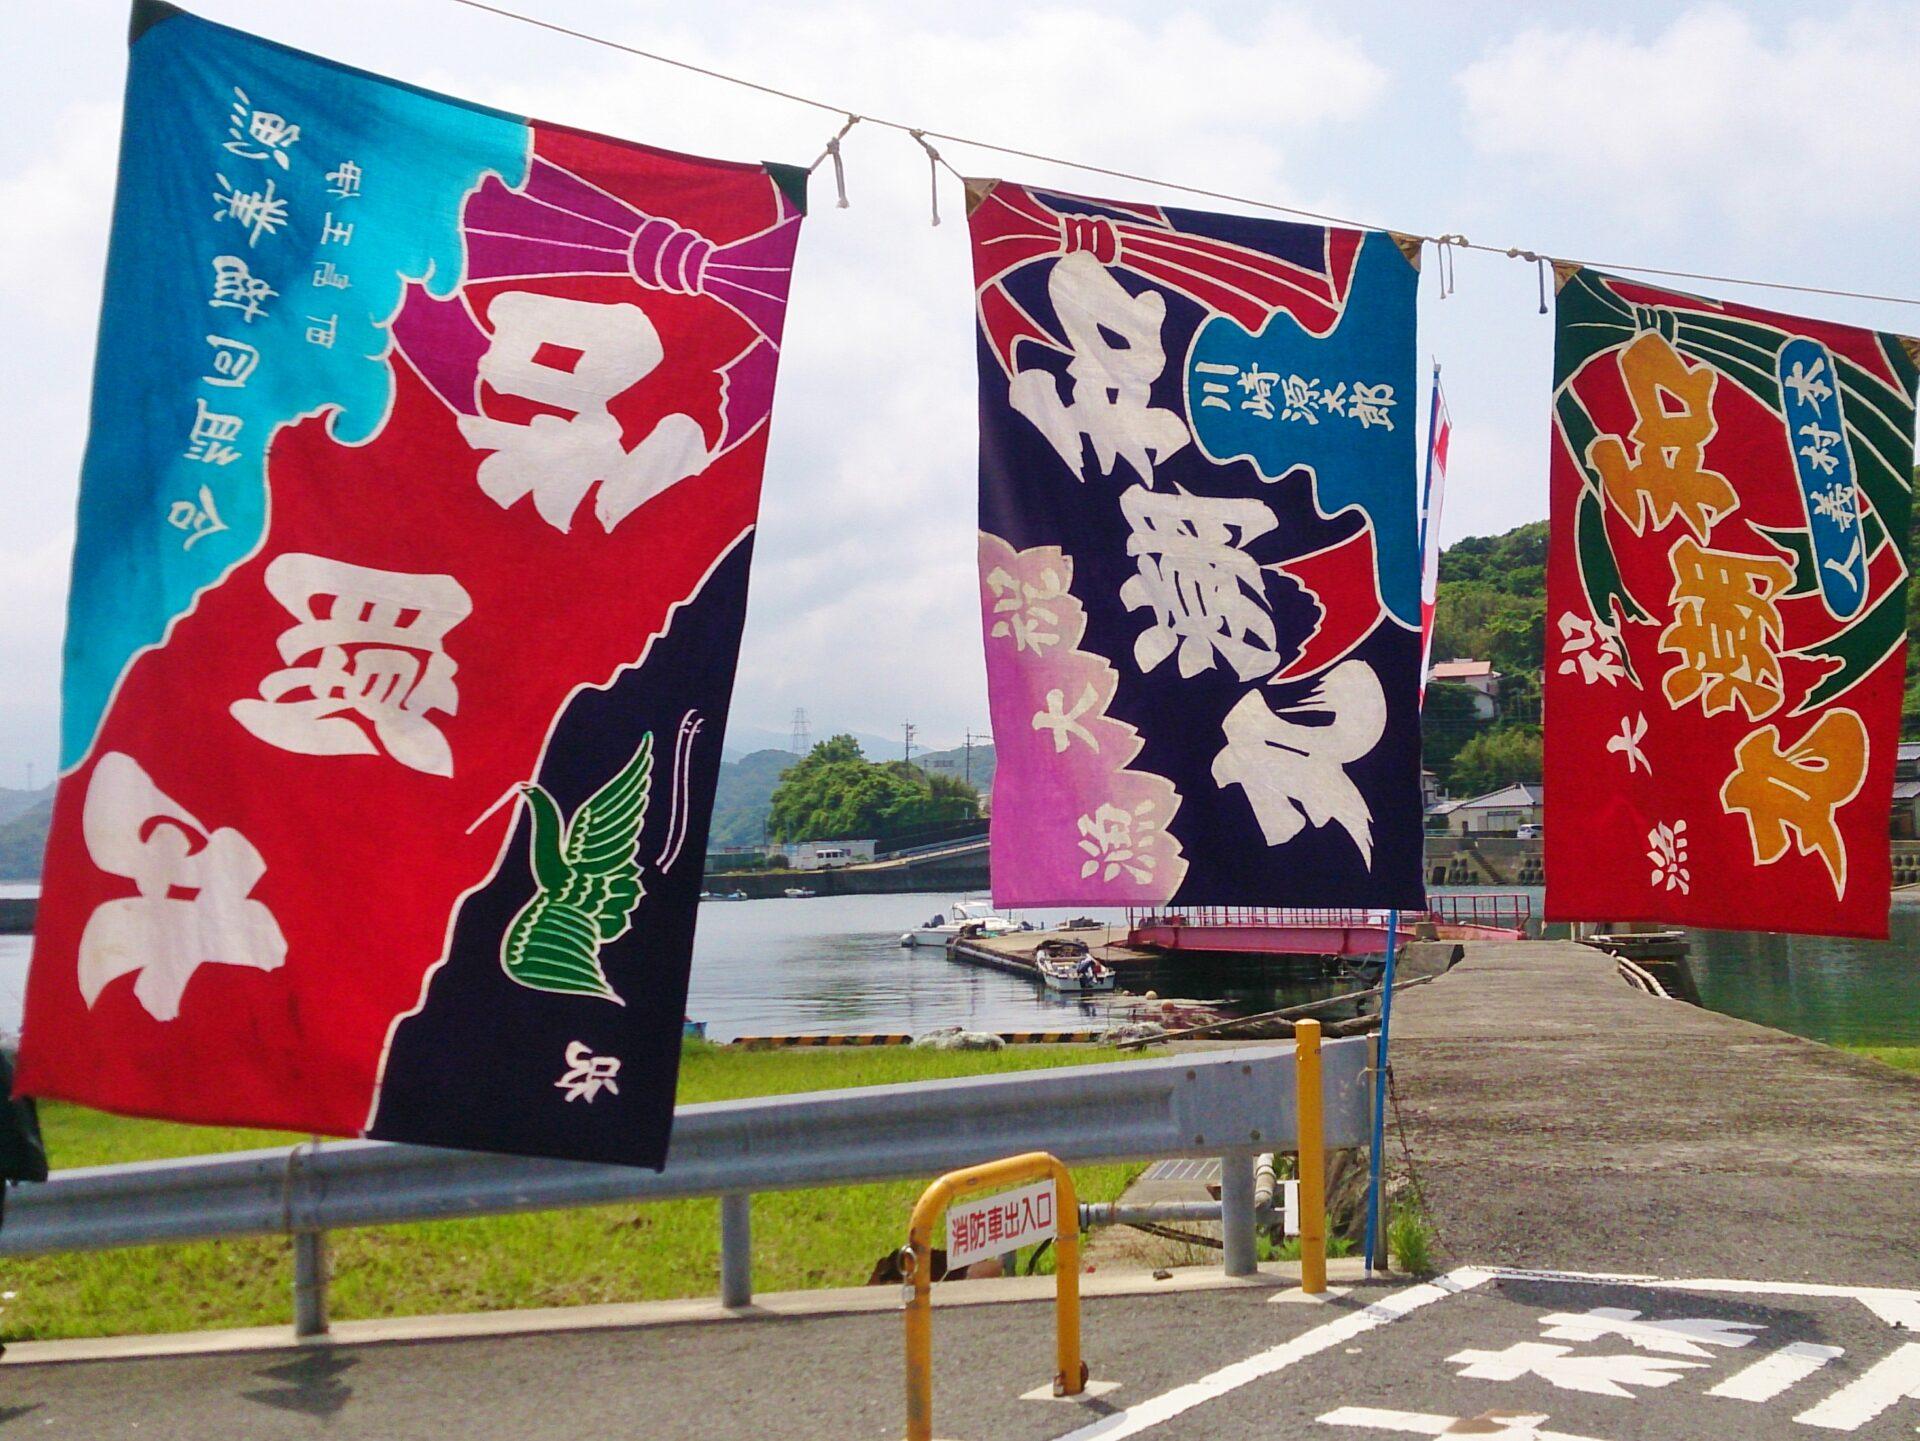 【12/27(日)】冬の海の幸が盛りだくさん!伊王島朝市開催!